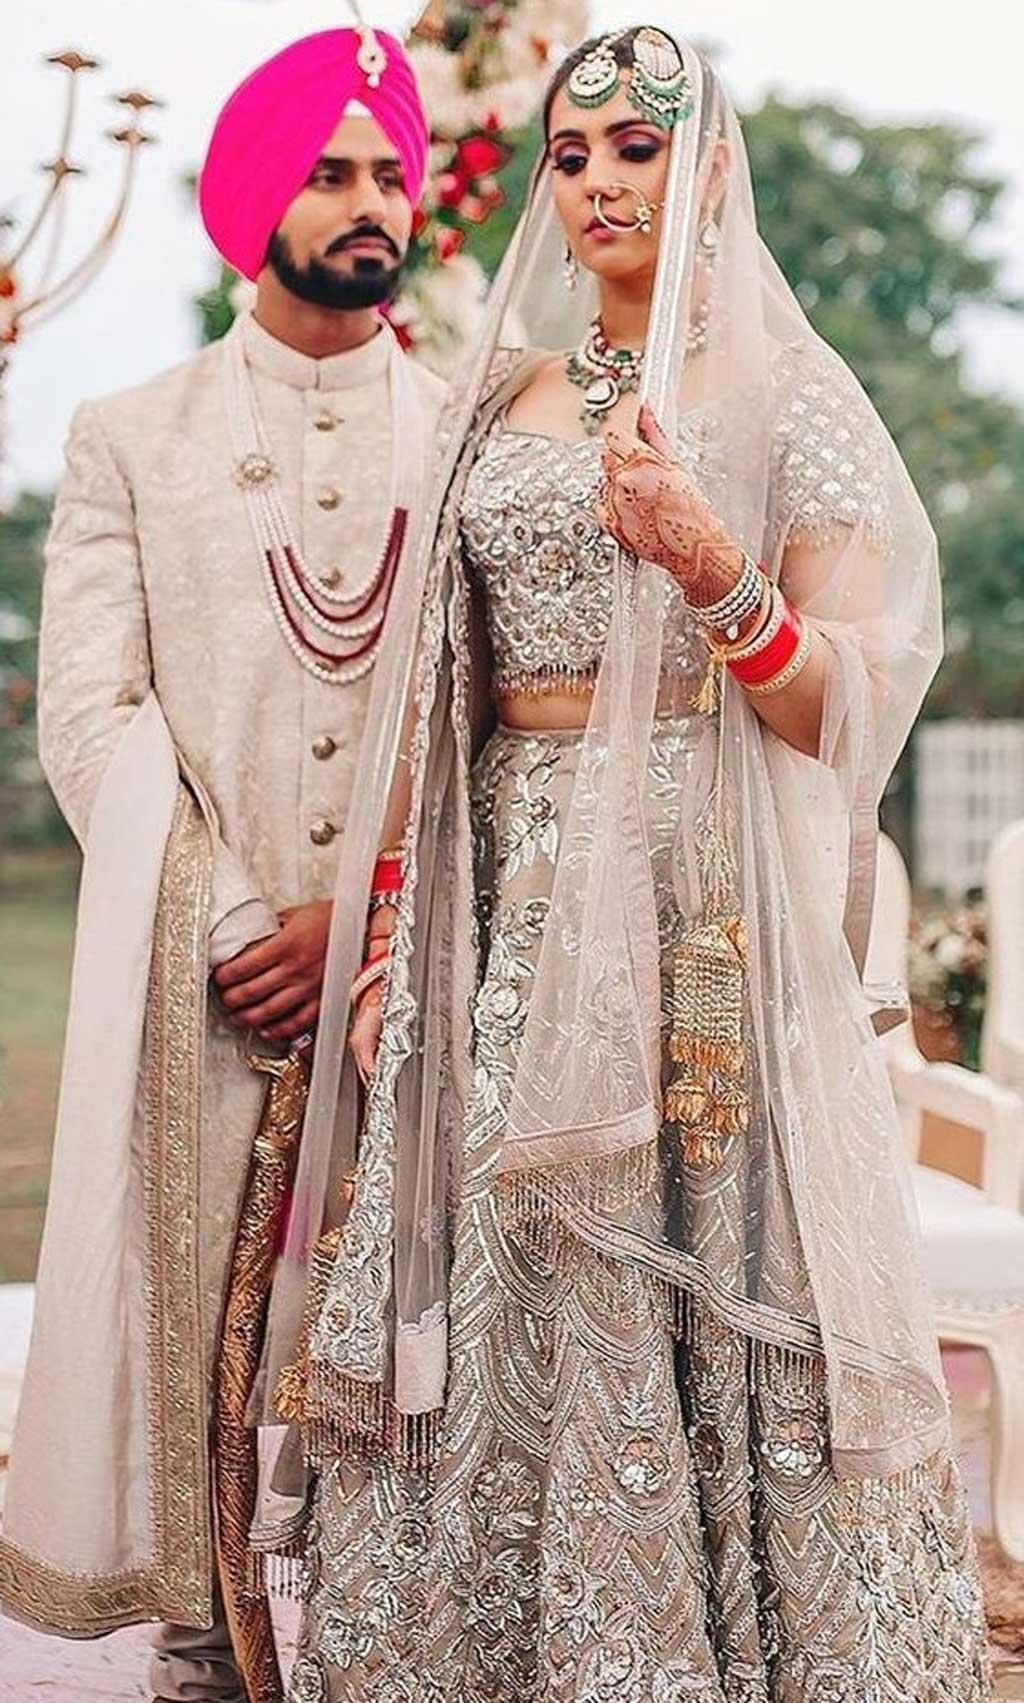 Mới lạ trong váy cưới truyền thống Ấn Độ.